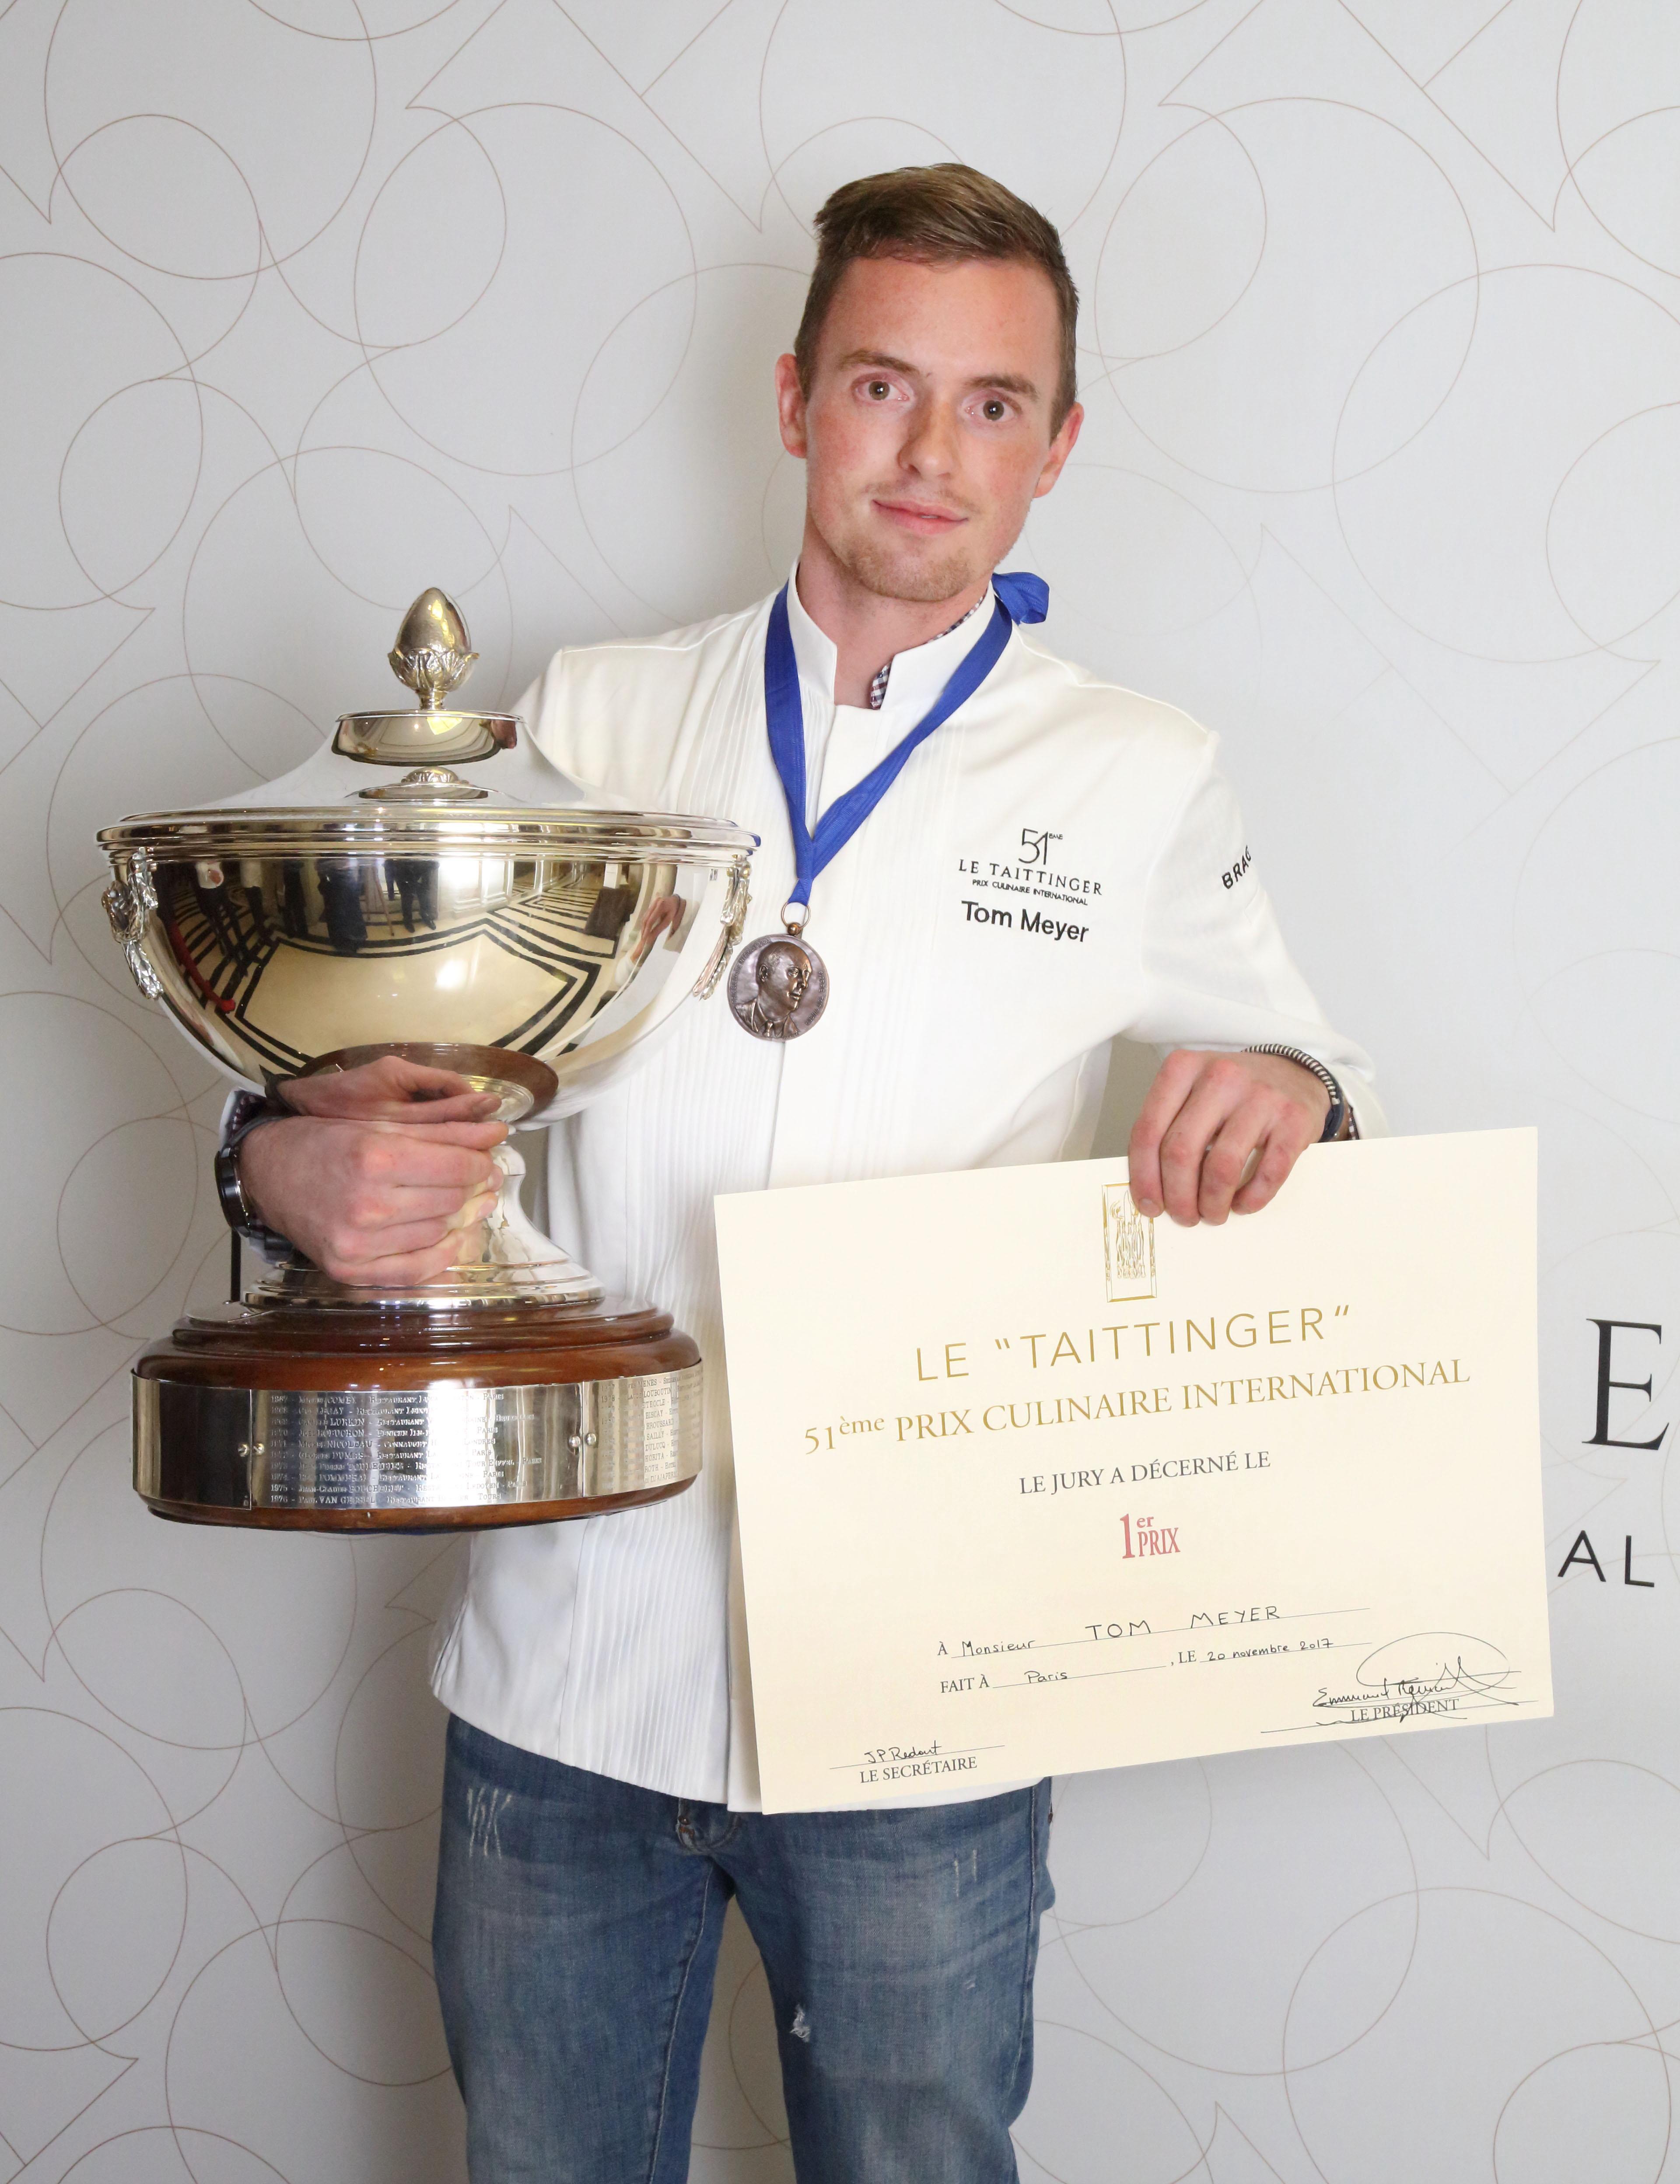 Tom Meyer 51st Winner of Le Taittinger